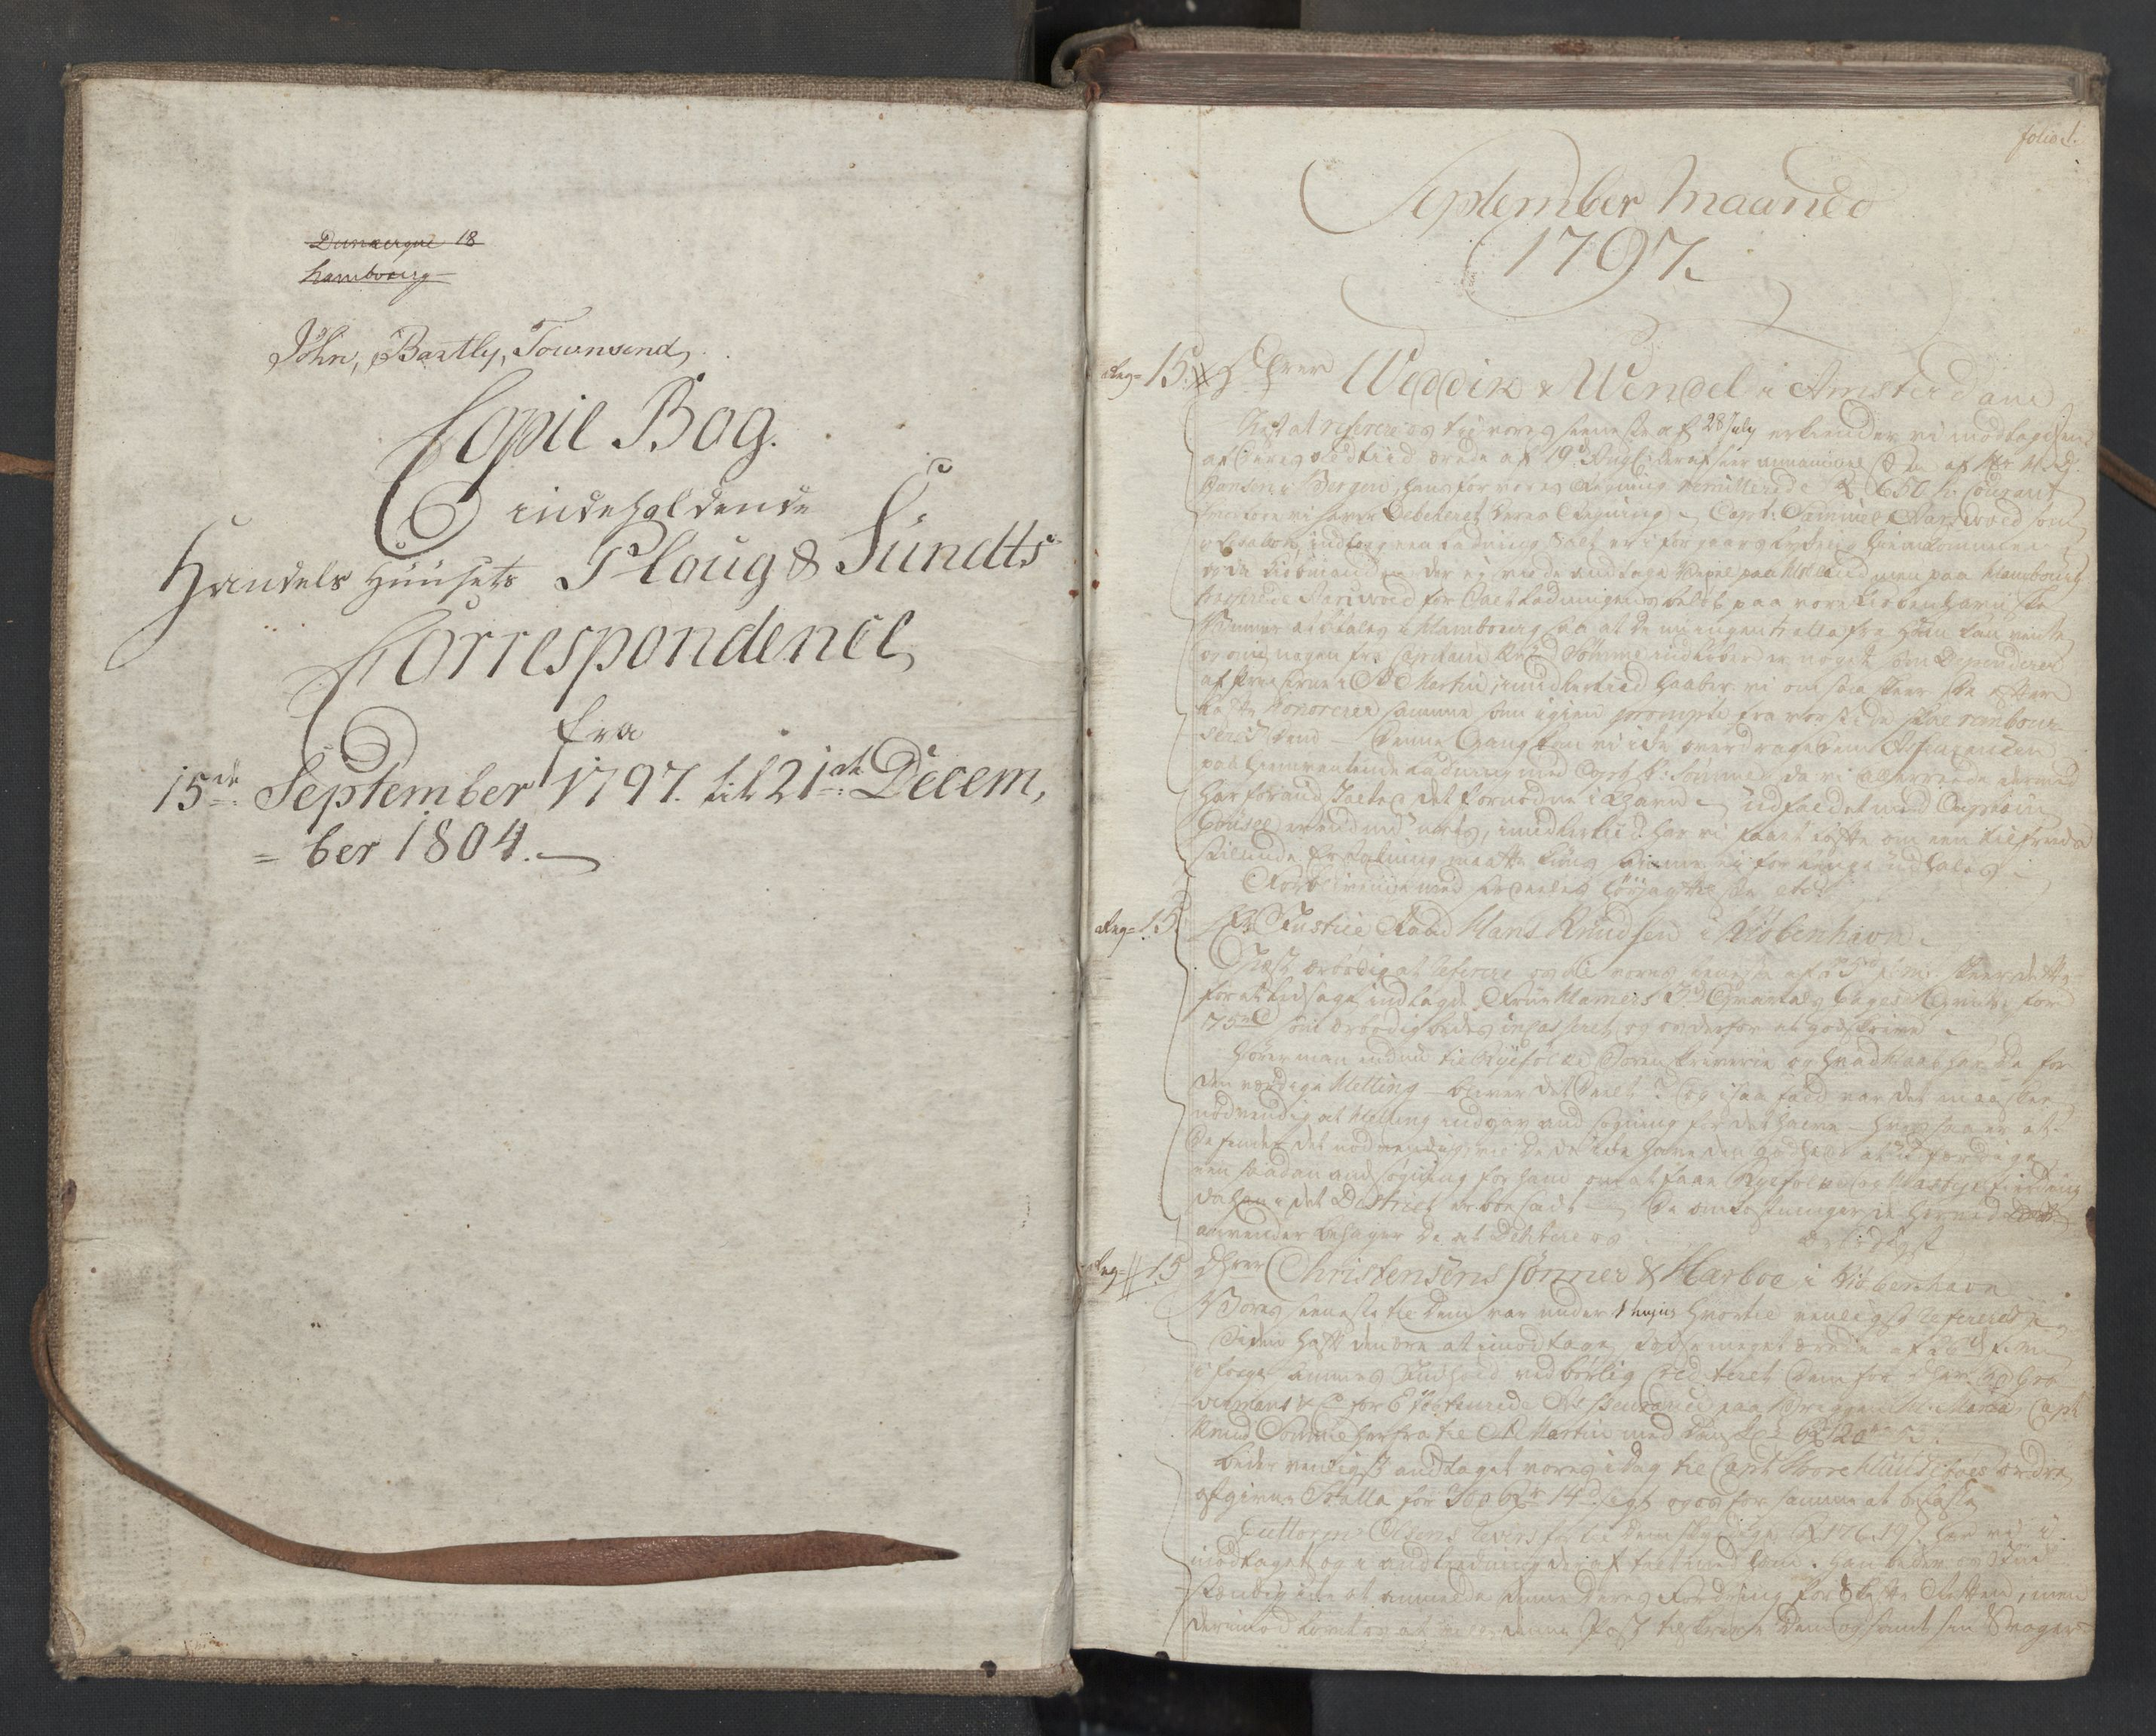 SAST, Pa 0003 - Ploug & Sundt, handelshuset, B/L0008: Kopibok, 1797-1804, s. 1a